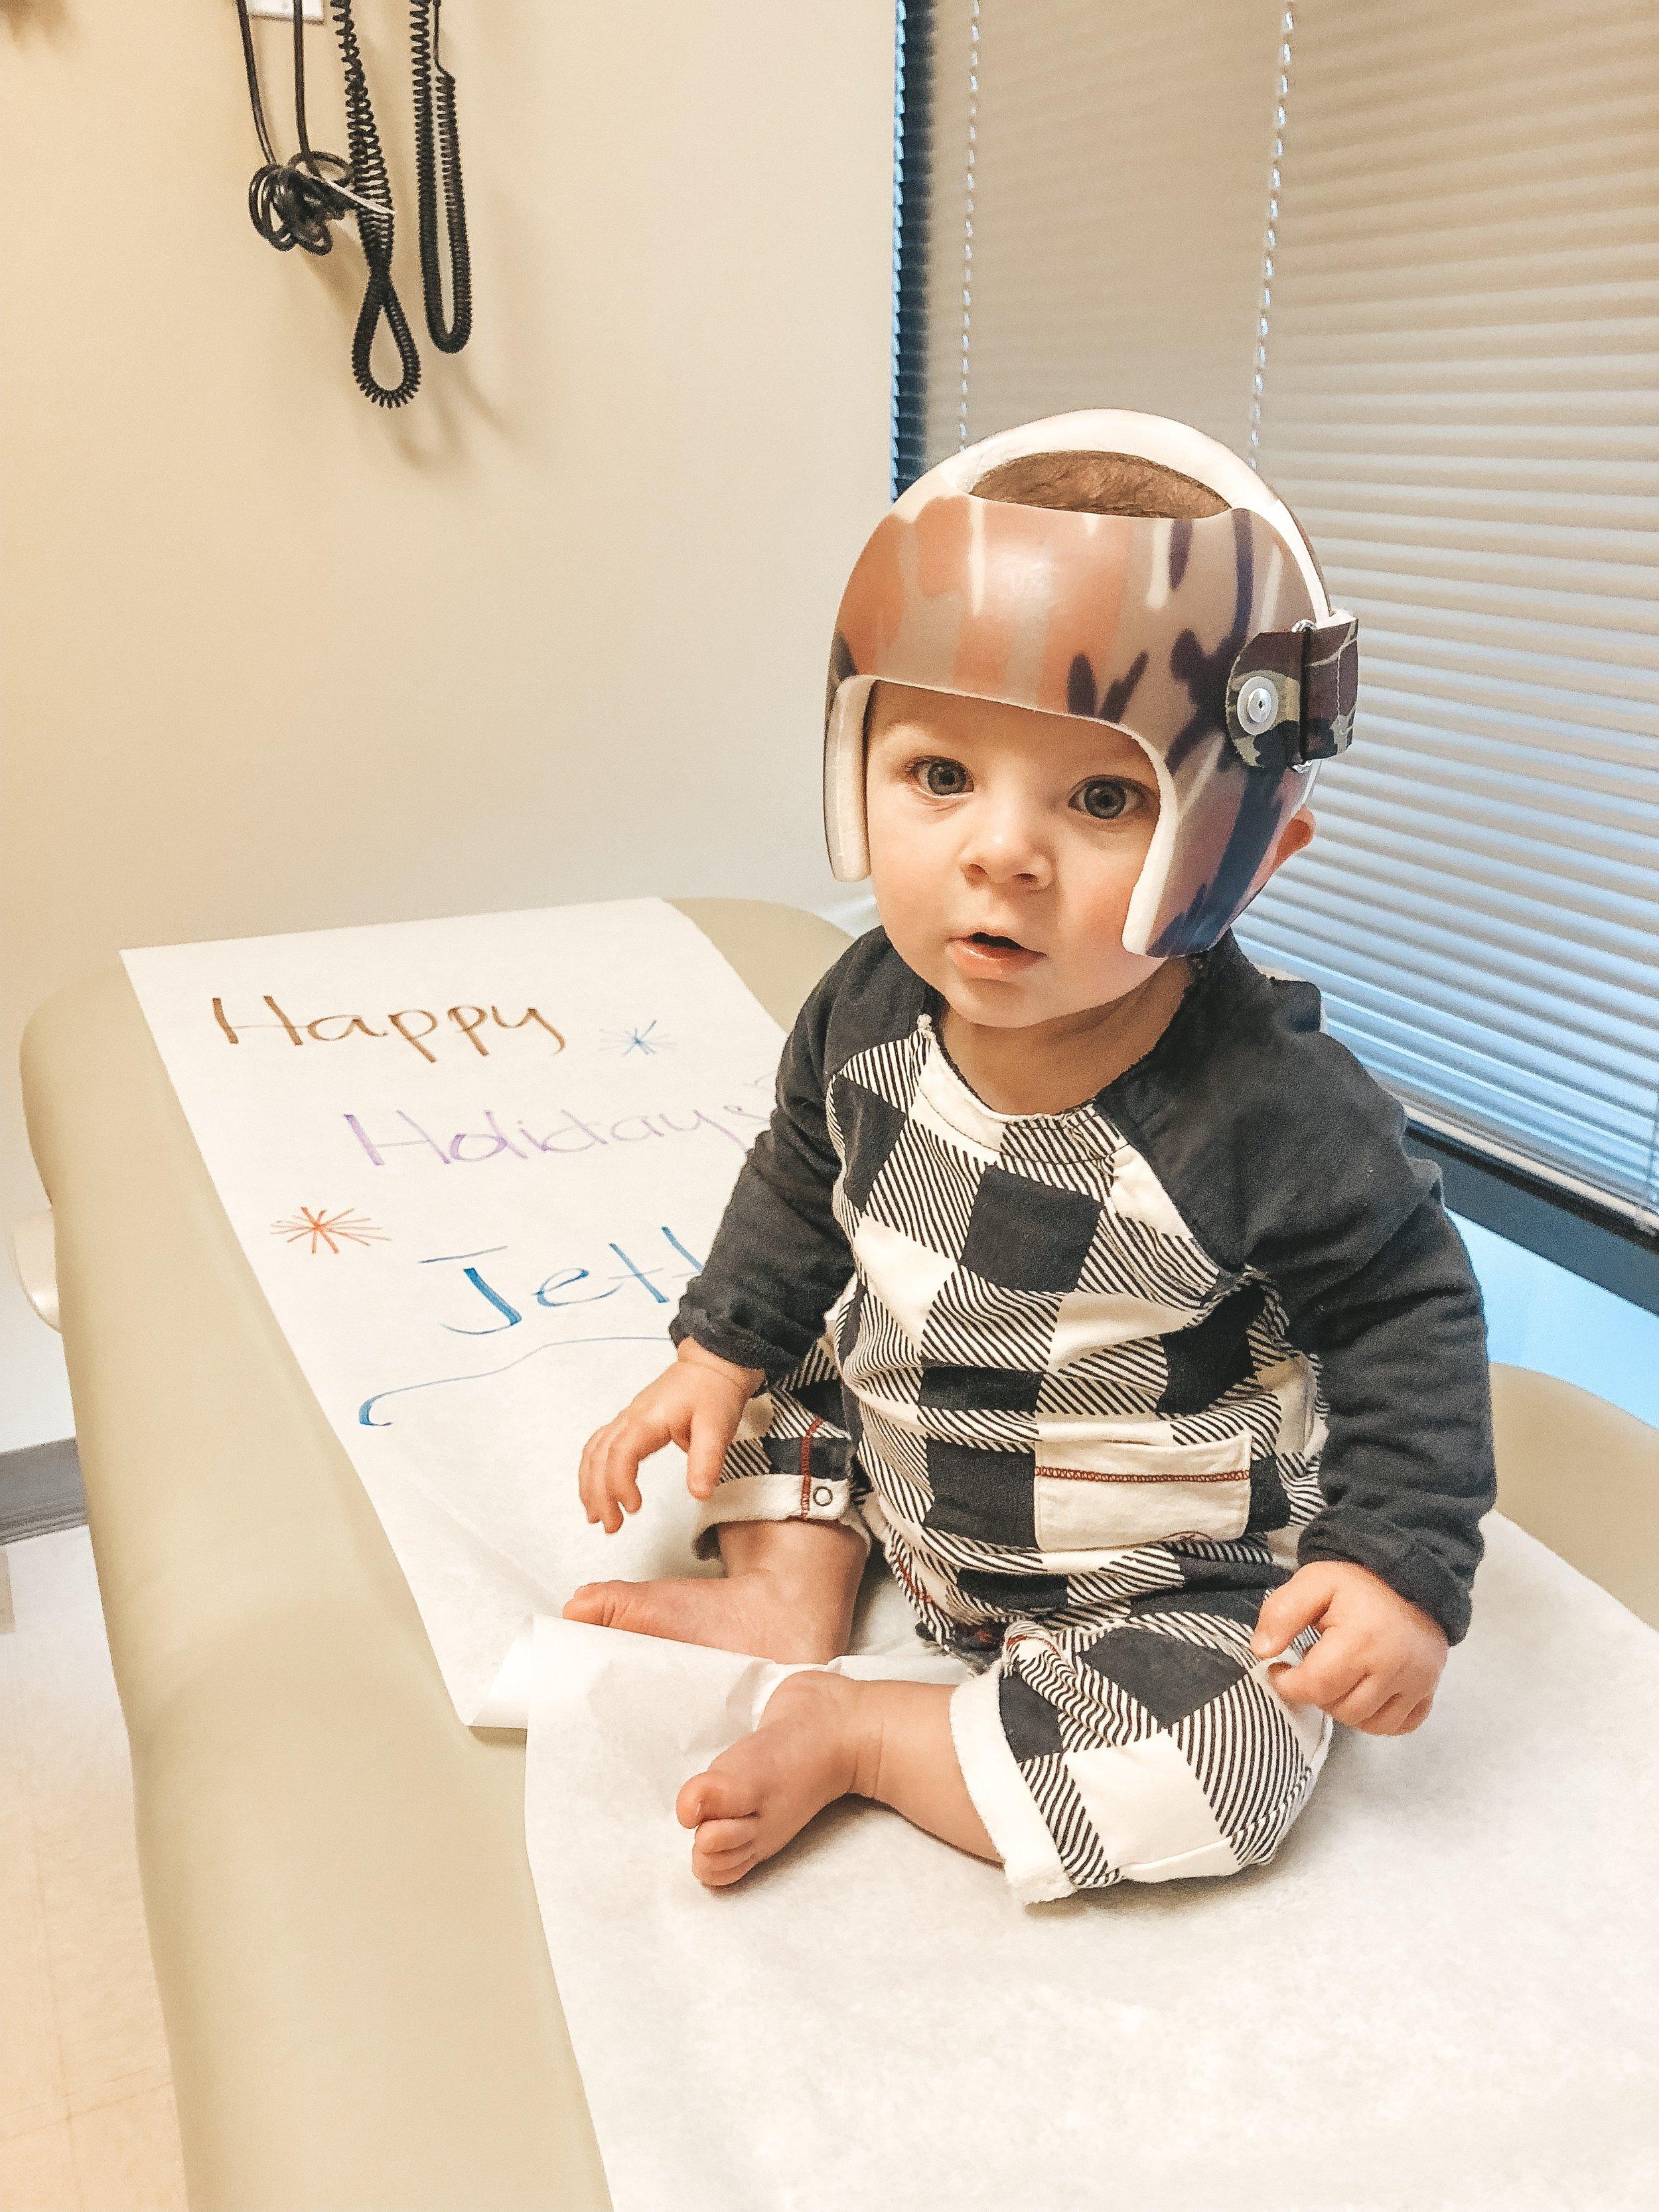 Jett Jones. 8 Months Old. Helmet for flat head. Starband helmet..